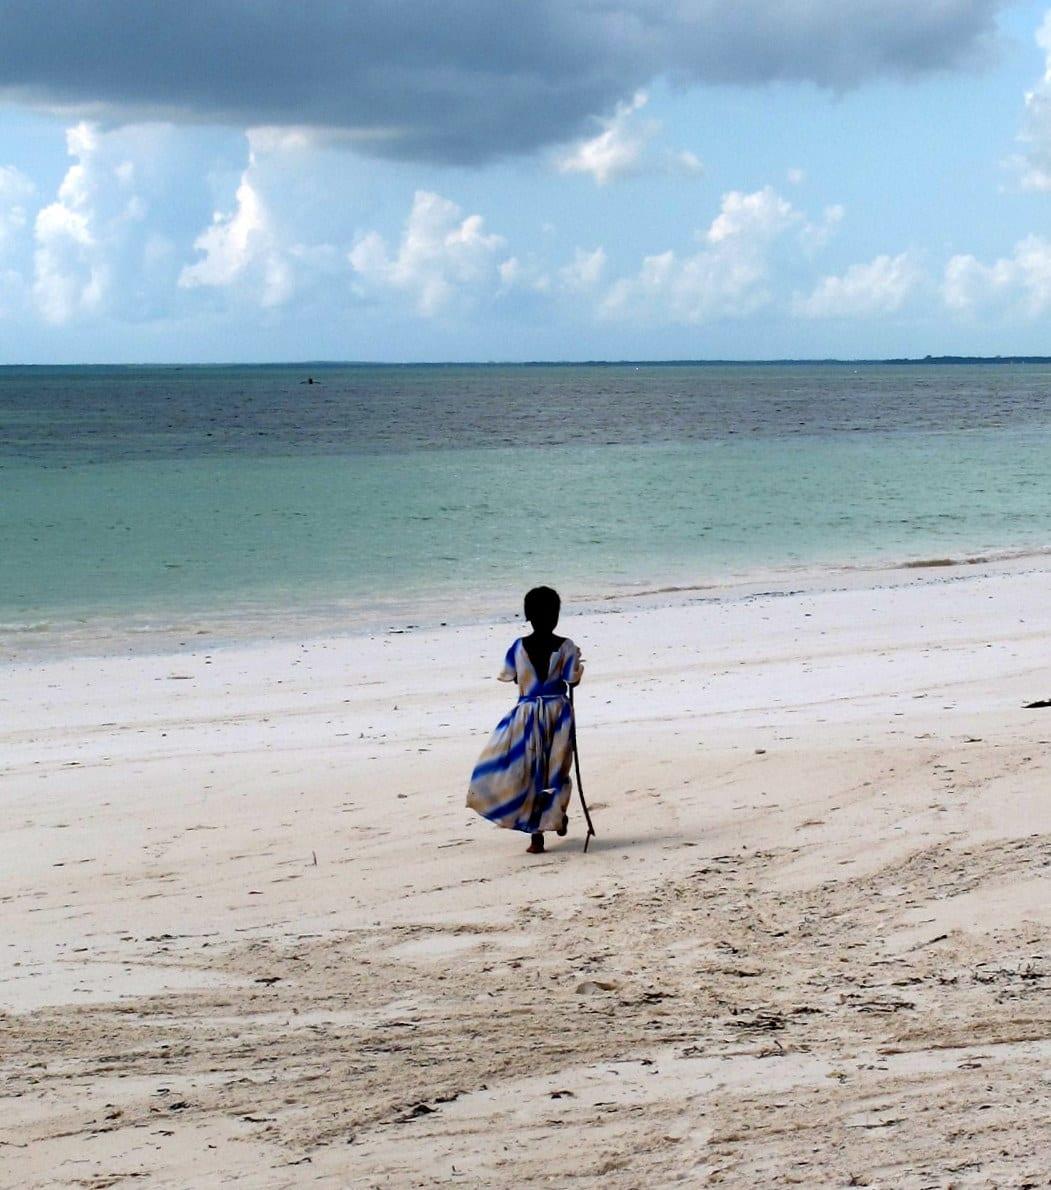 La spiaggia di Uroa e l'escursione alla piantagione di spezie: Zanzibar (4 parte)